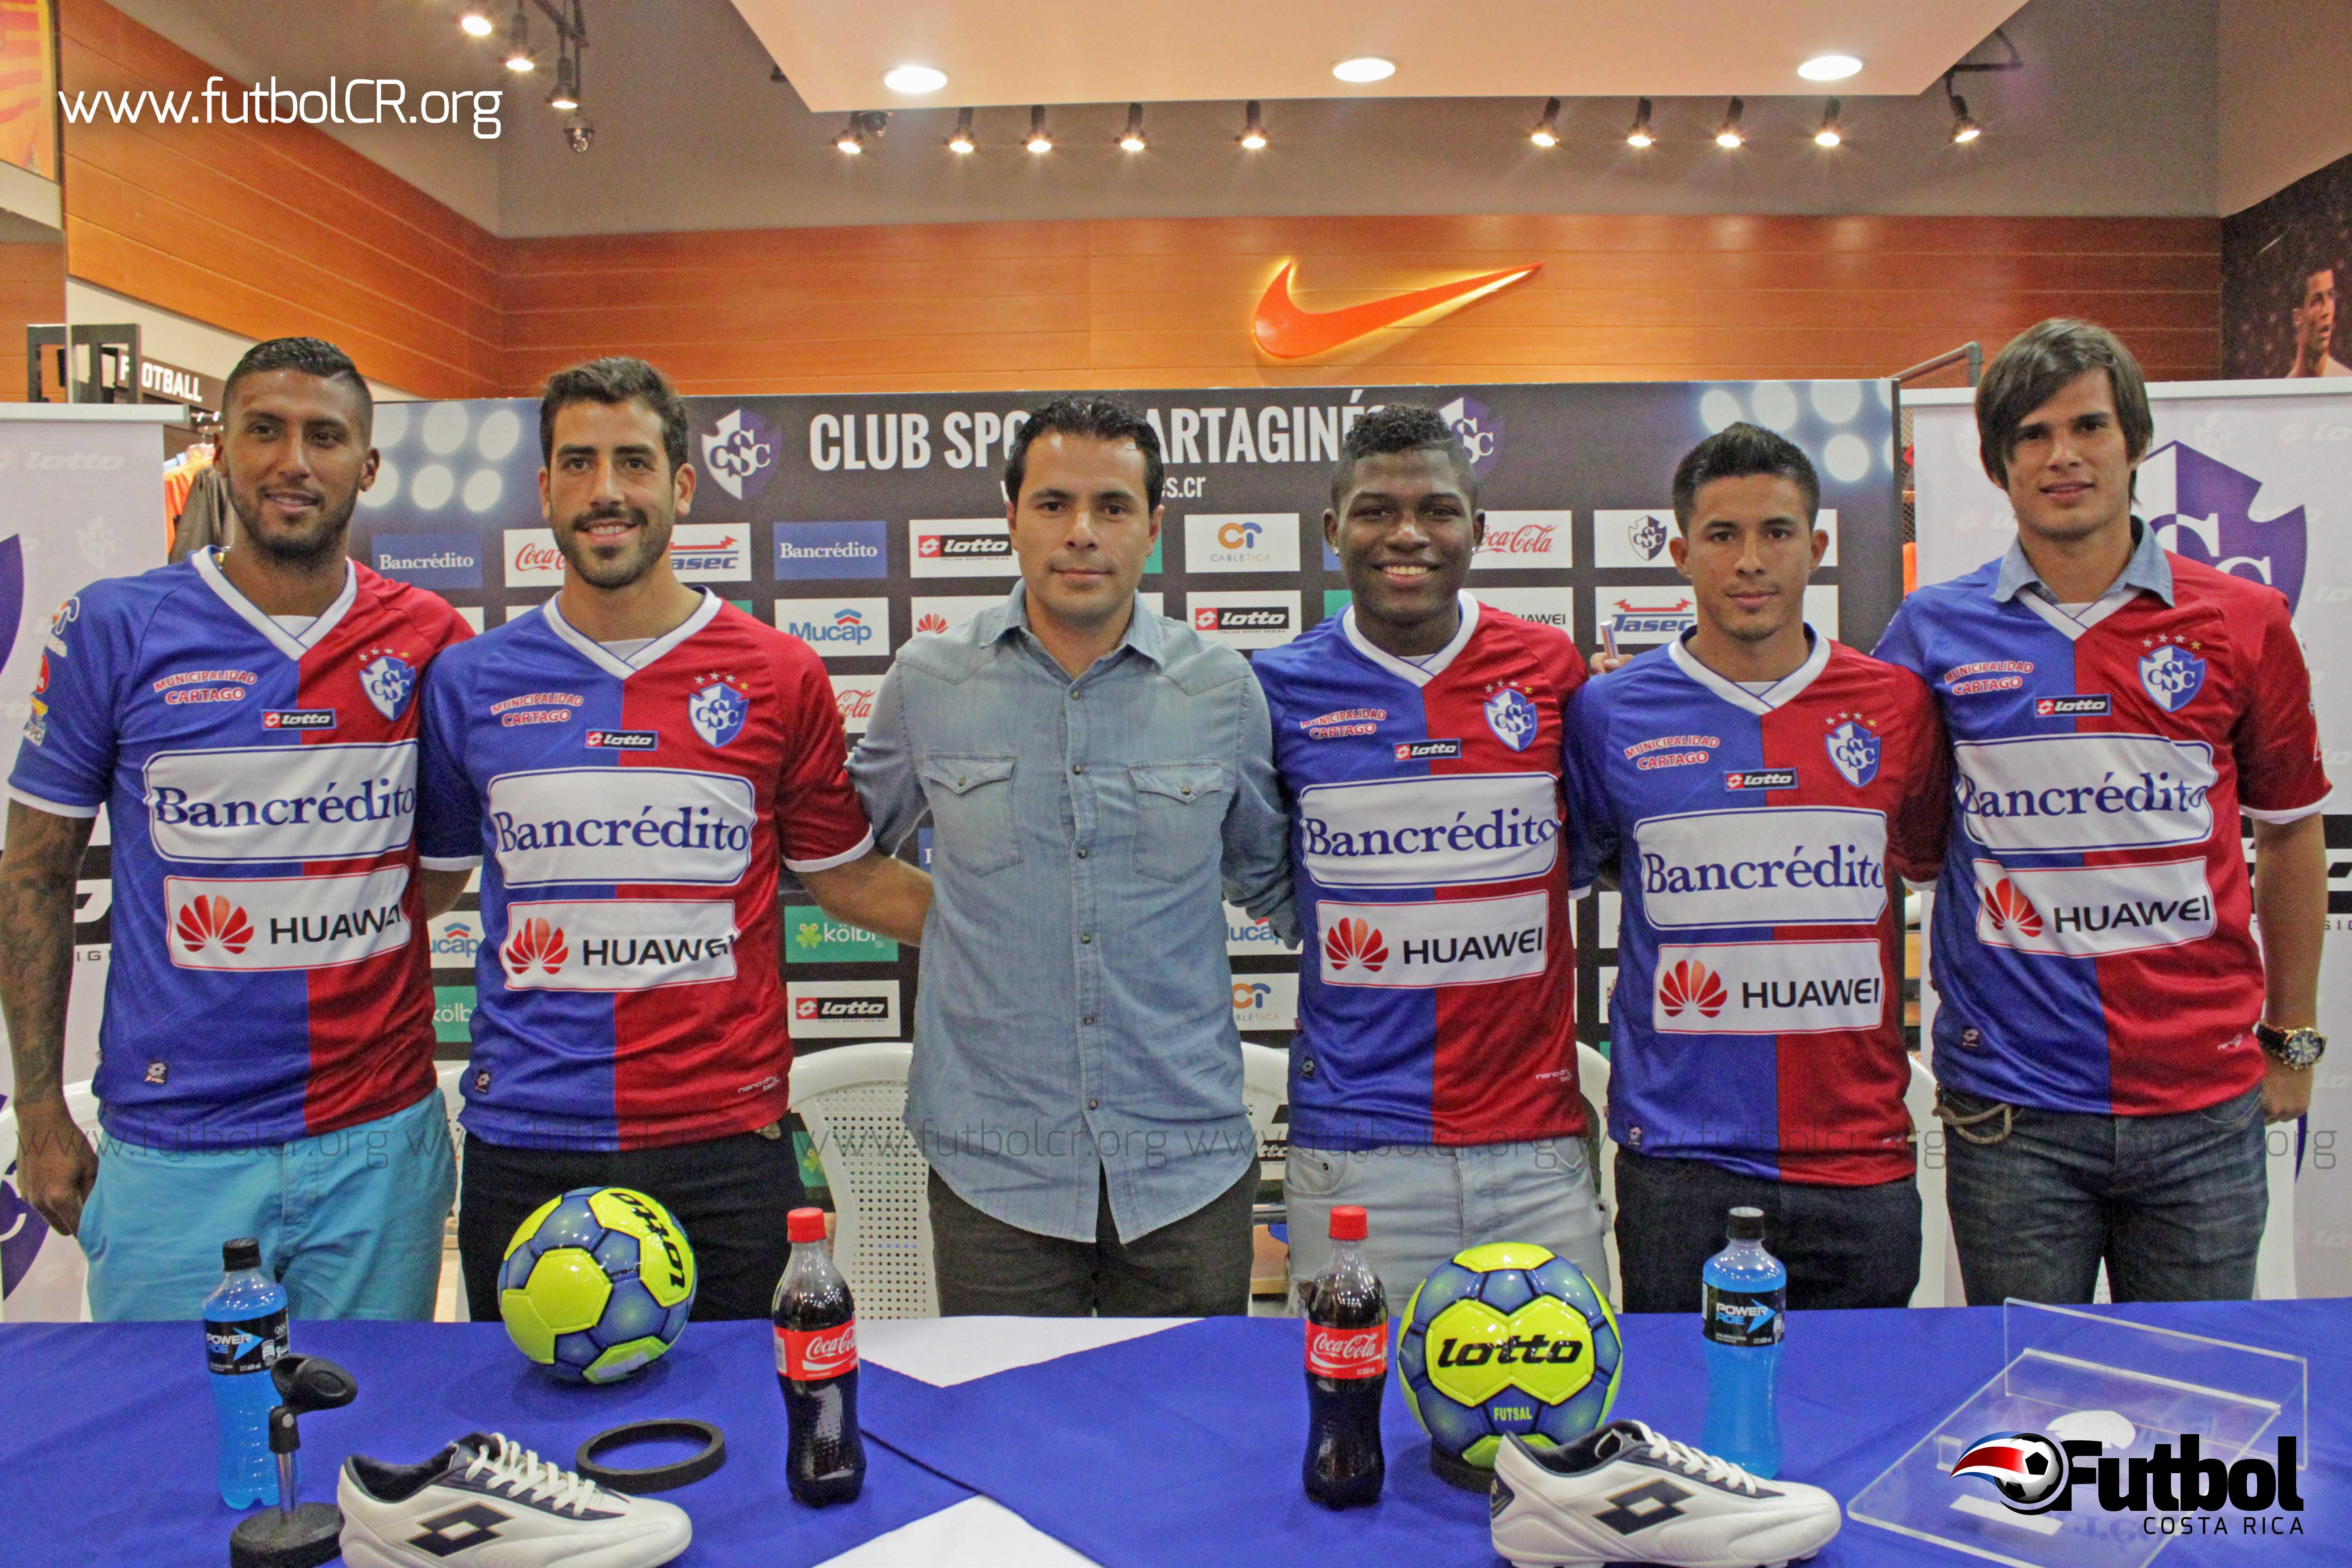 (De izquierda a derecha) Dario Delgado, Fabrizio Ronchetti, Enrique Meza, Willam Palacios, Michael Barquero y Carlos Hernández ya forman parte del Club Sport Cataginés oficialmente.  Fotografía de Robert Vindas para Futbol Costa Rica.